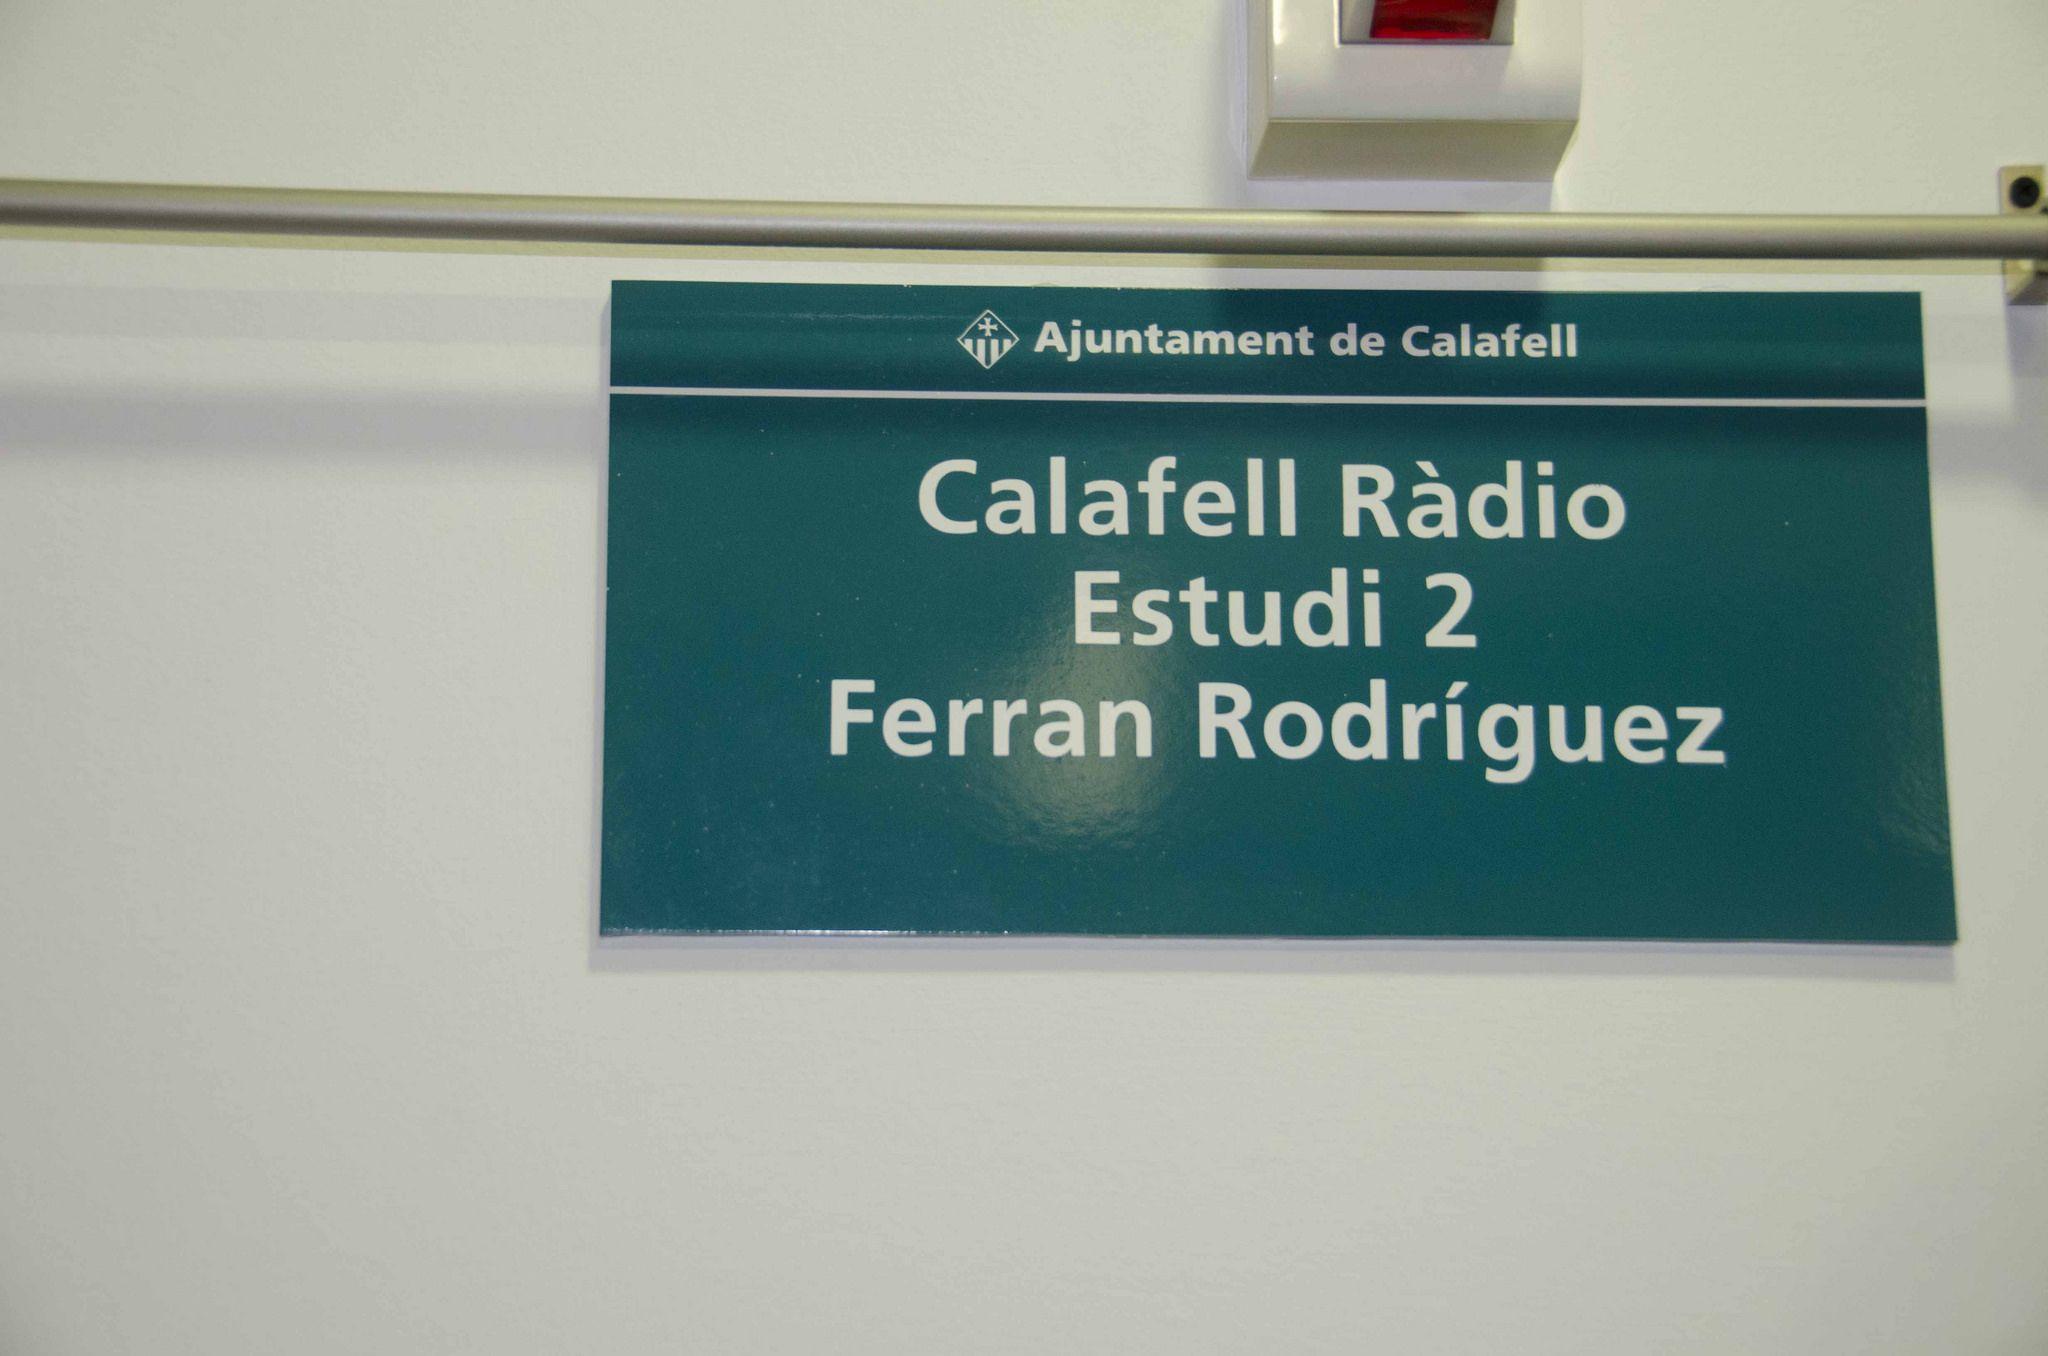 Nº3448 Homenatge A Ferran Rodriguez Locutor De Calafell Radio 12 9 2015 Radio Jordi